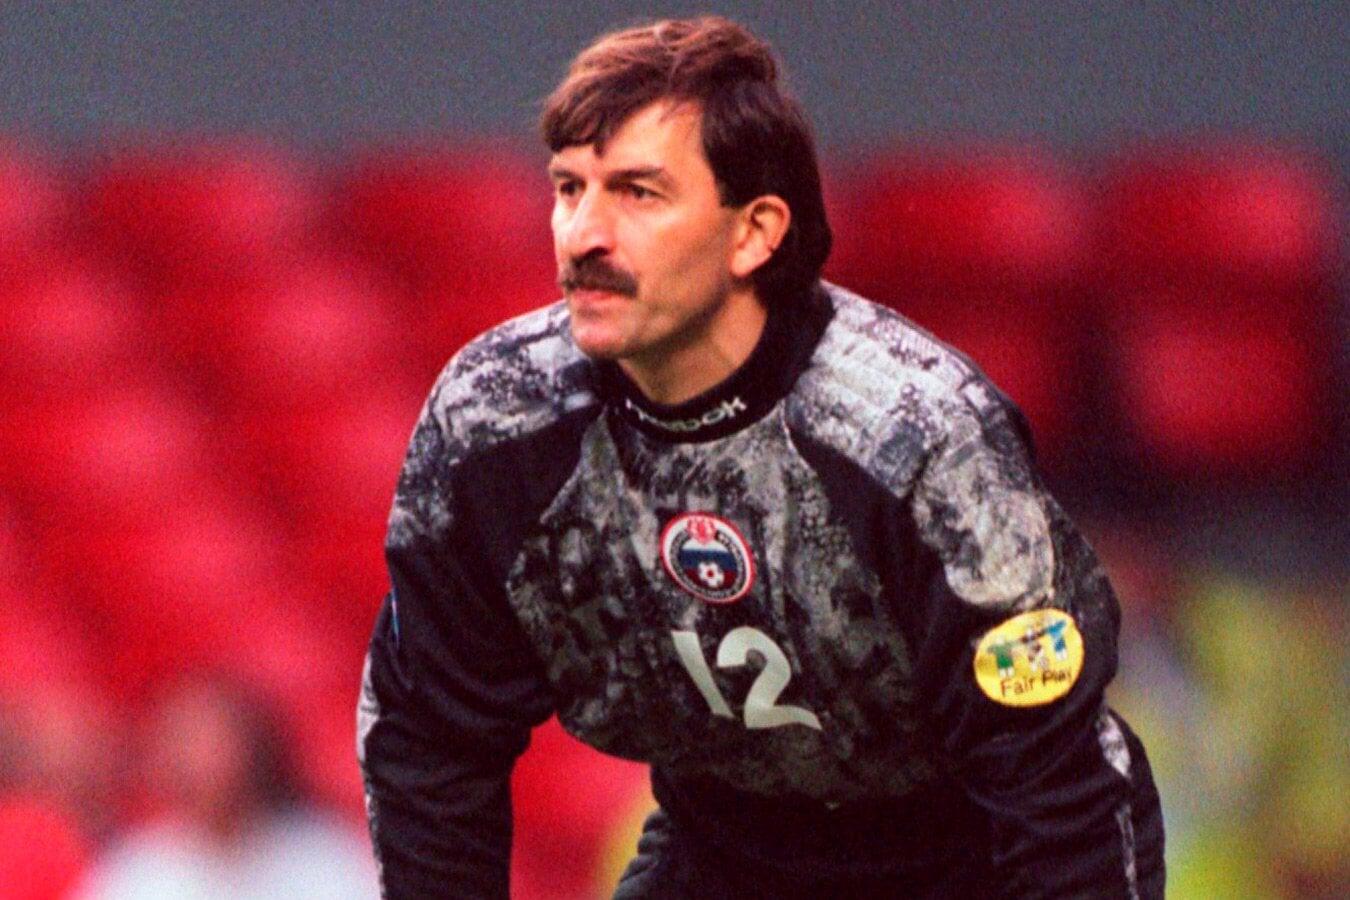 Россия пропустила 7 голов в группе Евро-2020. Больше было только в 1996-м, где два матча сыграл Черчесов